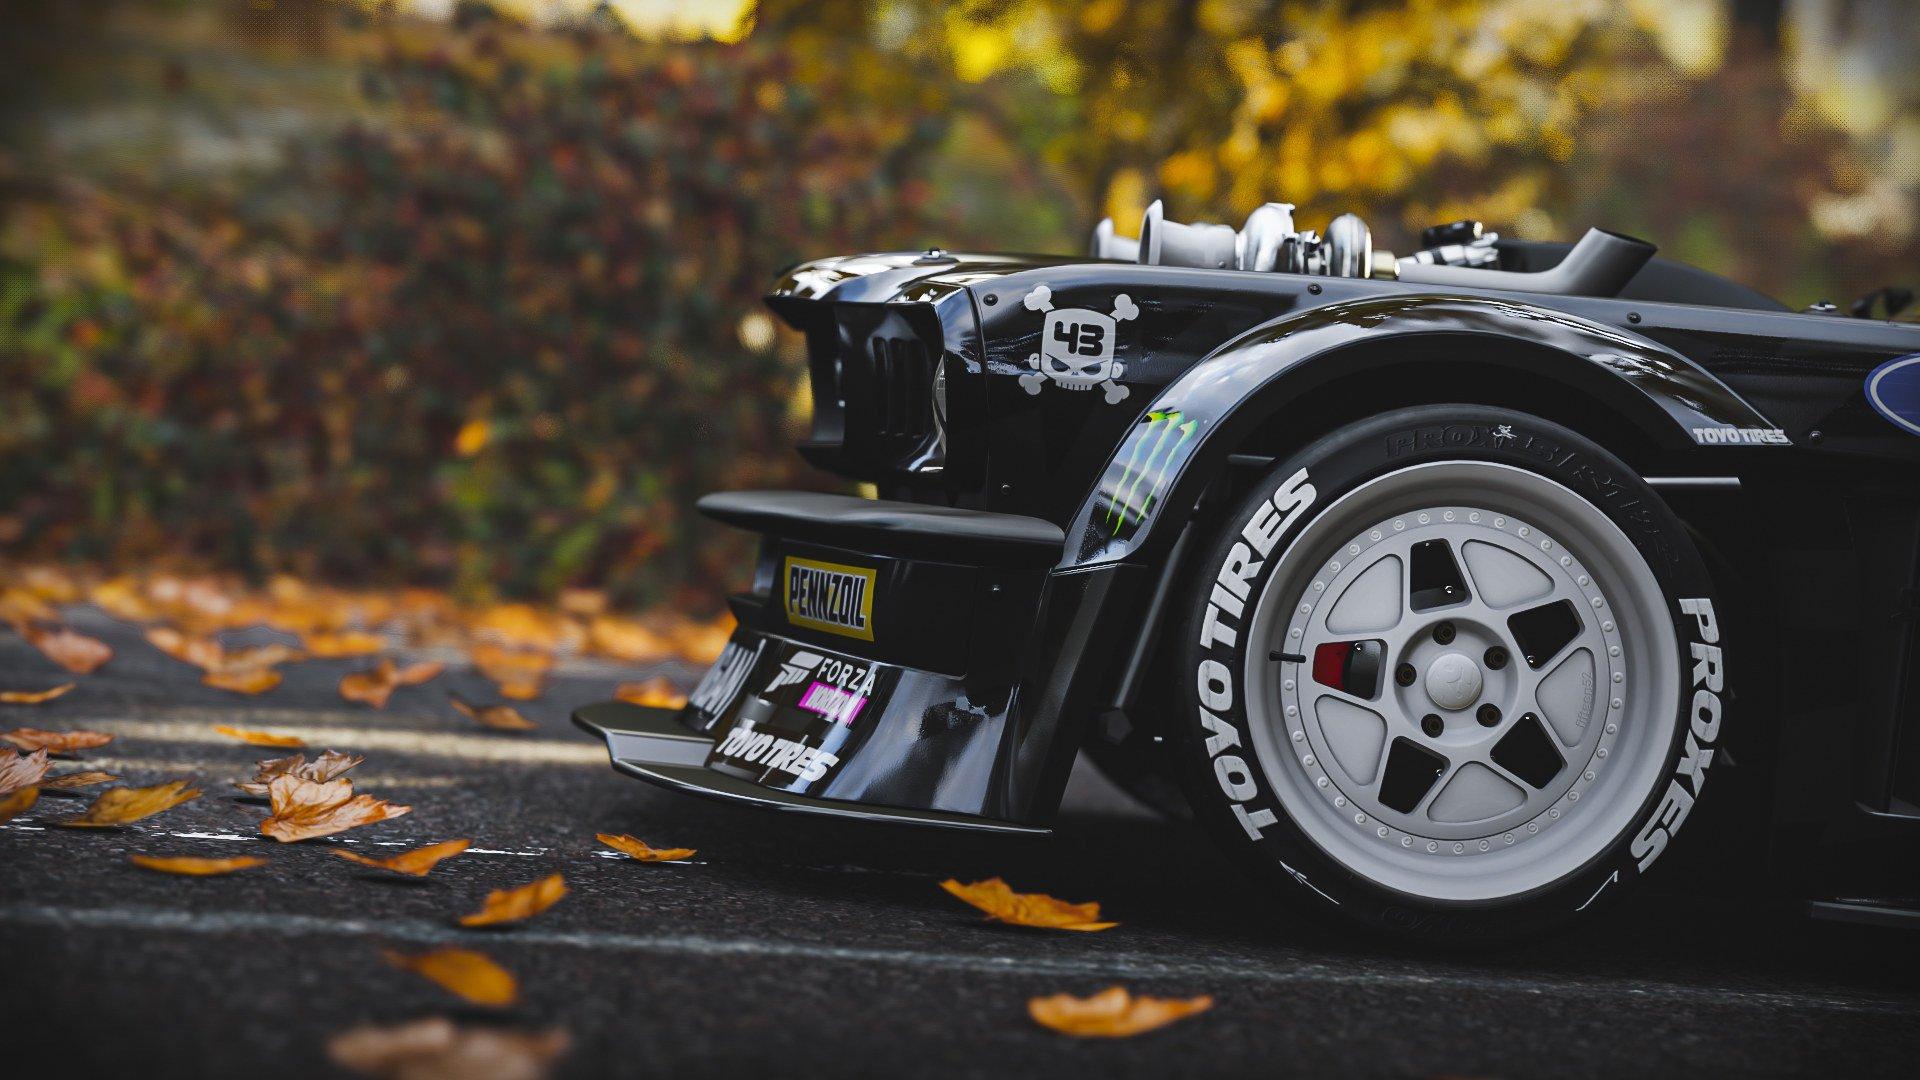 电动汽车,手艺绝对燃油车简朴,为何电动汽车价钱借高屋建瓴?